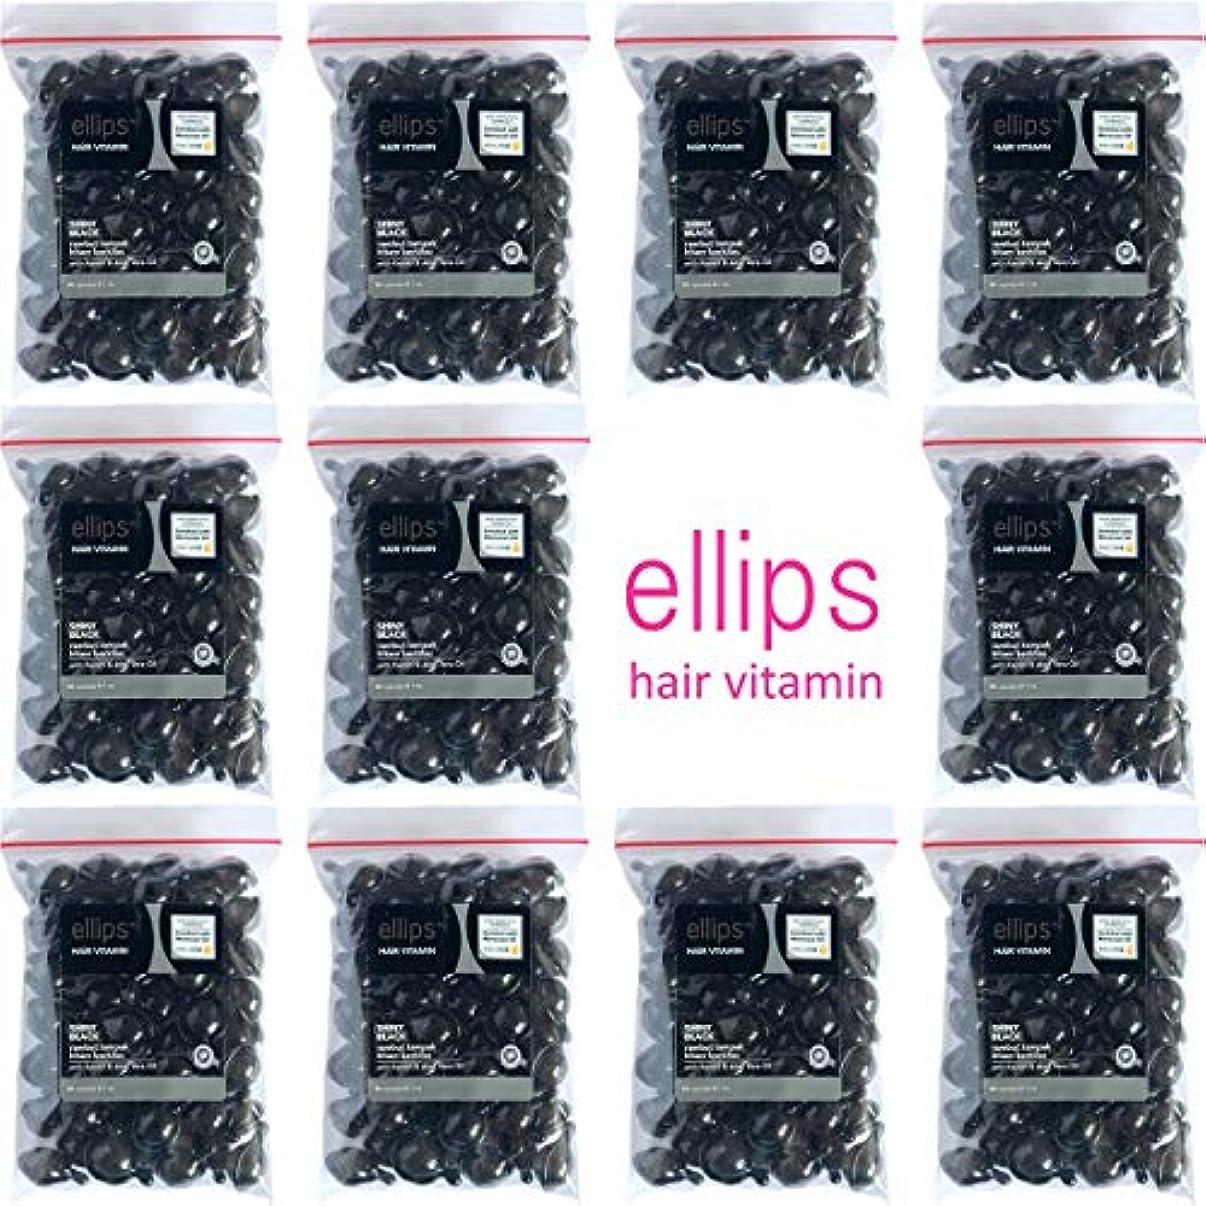 出血池土砂降りellips エリプス エリップス ヘアビタミン ヘアオイル 洗い流さないトリートメント 袋詰め 50粒入×11個セット ブラック [海外直送品]